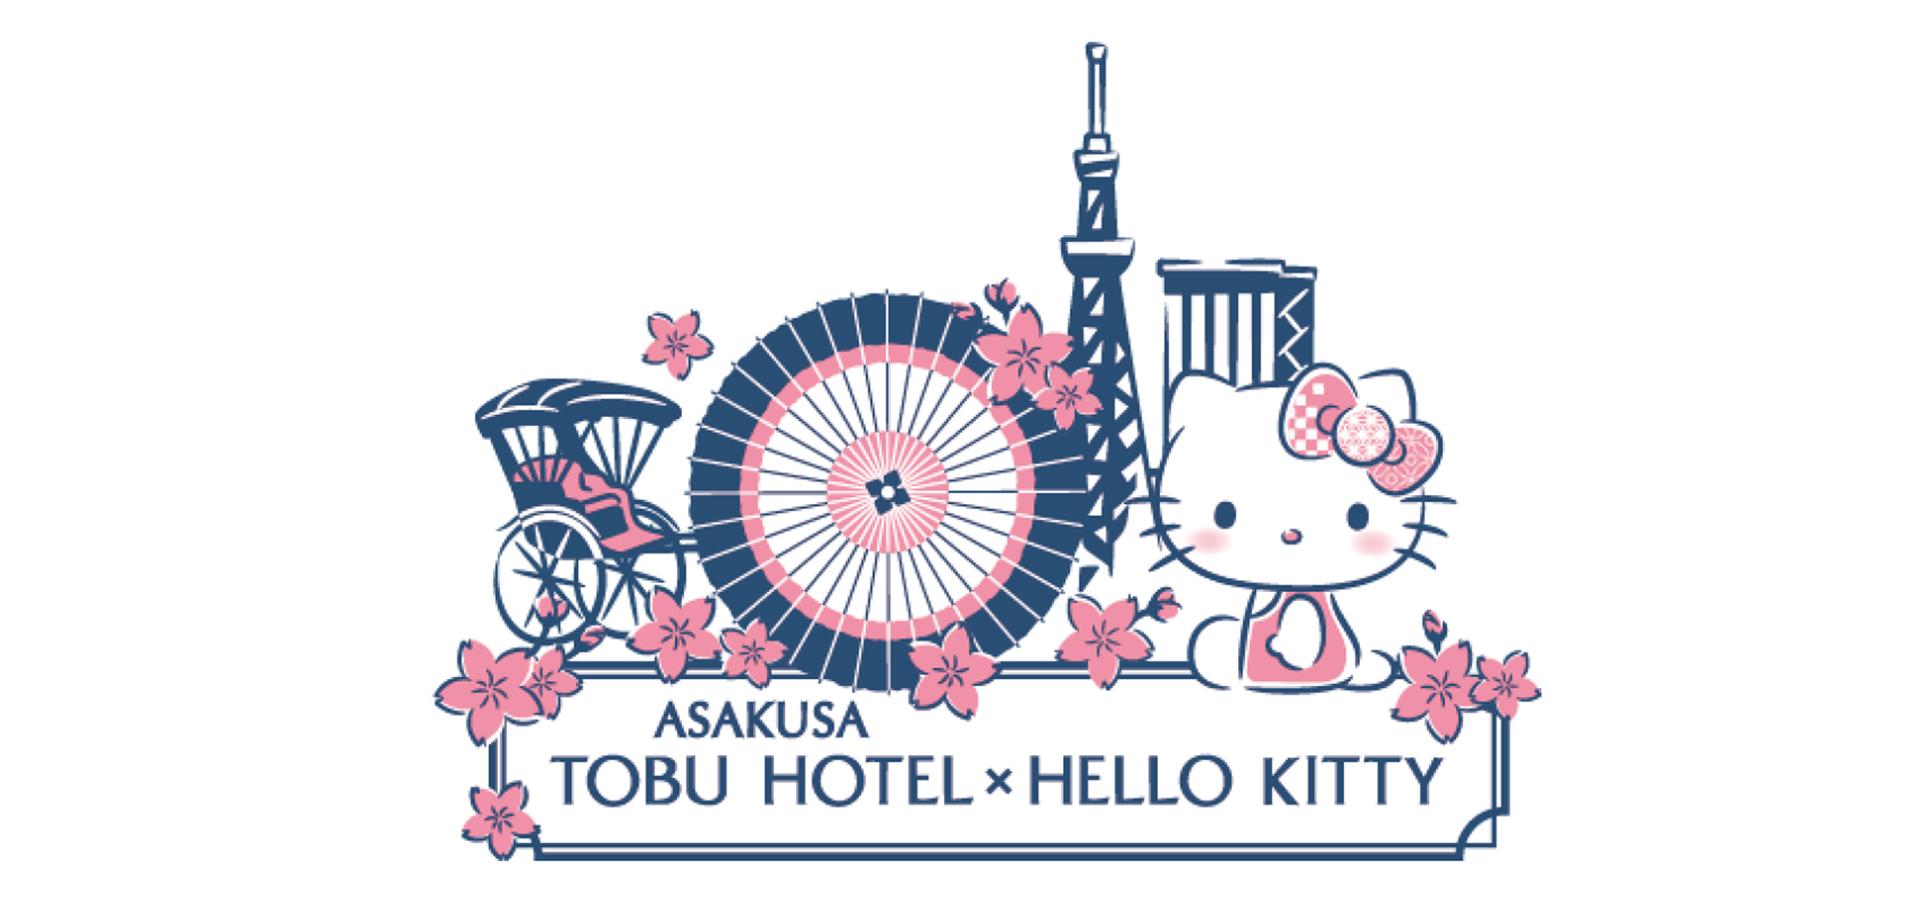 浅草東武ホテル「ハローキティルーム」